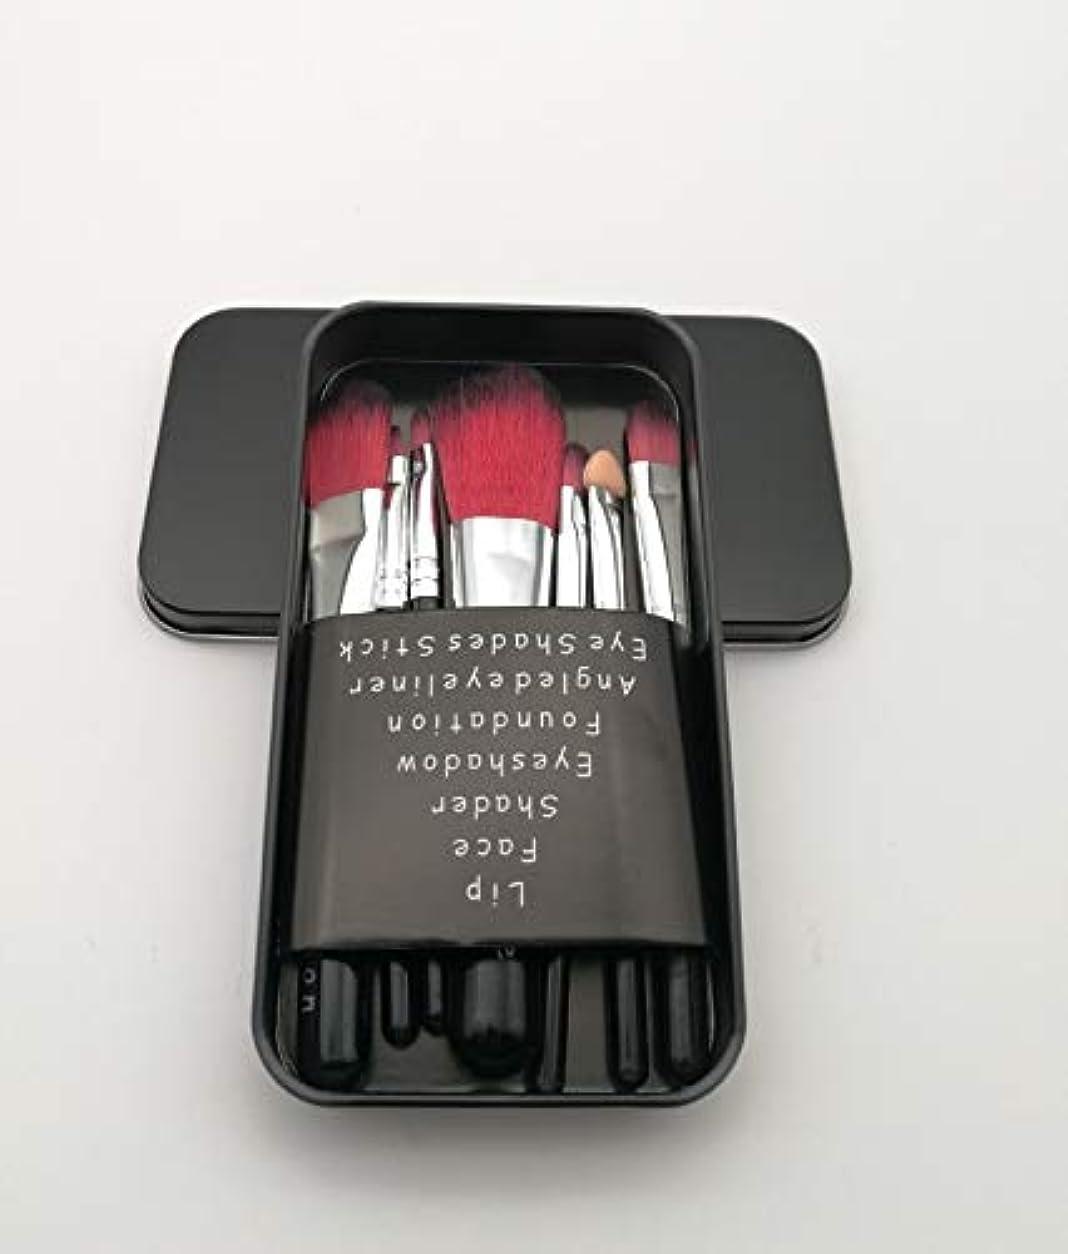 回想拍手する敵意化粧ブラシセット、7化粧ブラシ化粧ブラシセットアイシャドウブラシリップブラシ美容化粧道具 (Color : ブラック)